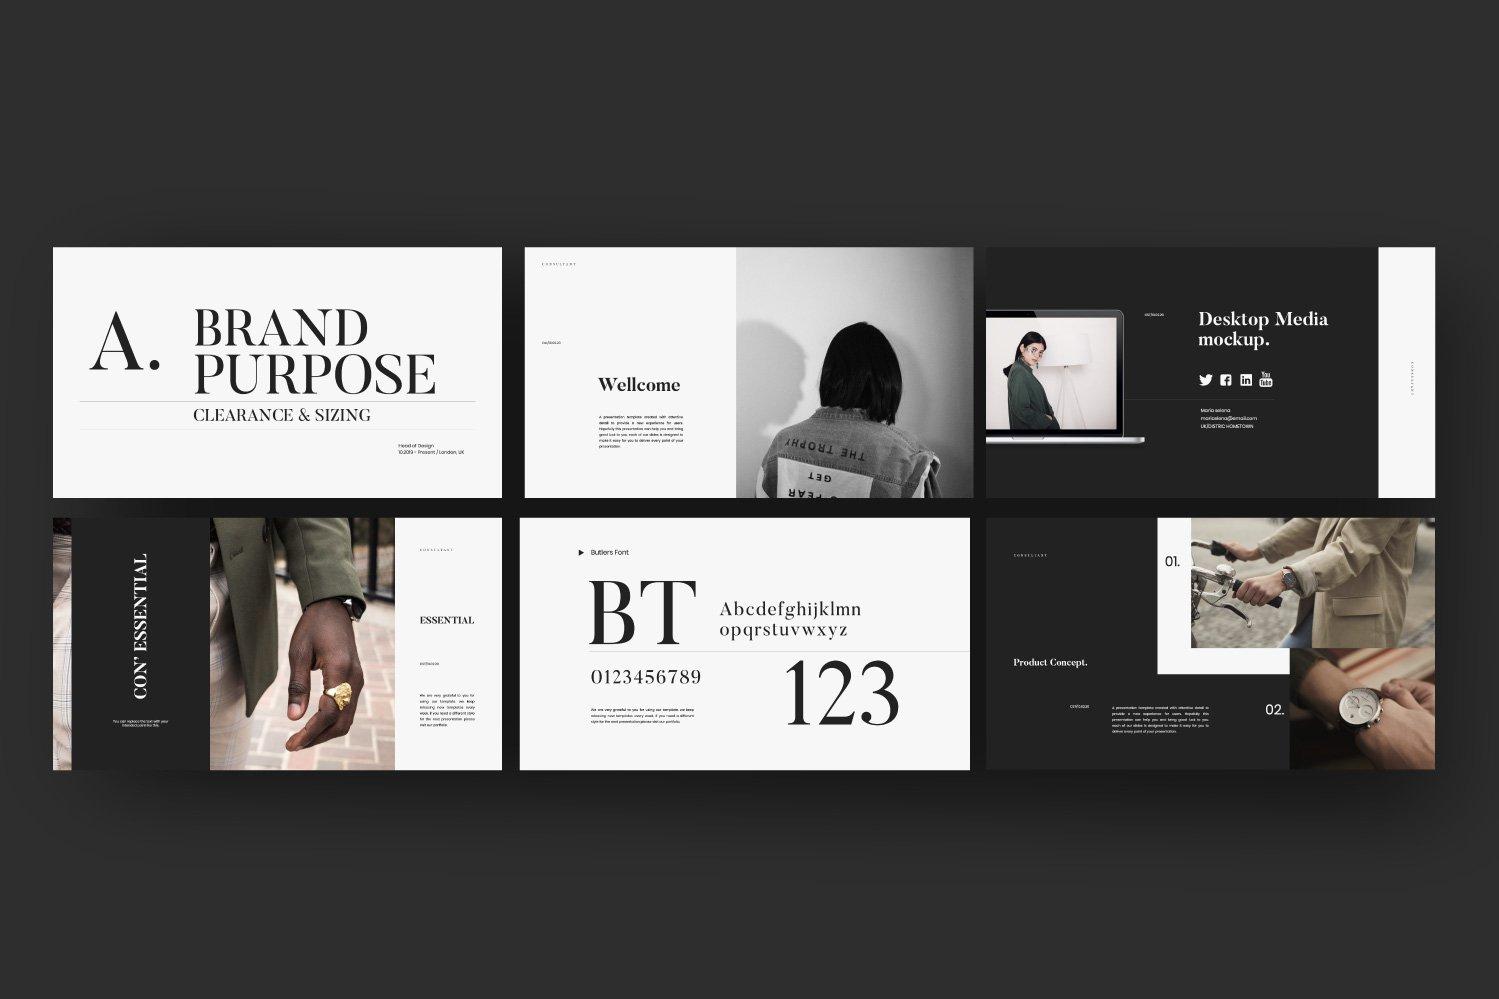 时尚服装摄影作品集设计演示文稿模板 Consultant – Powerpoint Minimalis Creative插图(4)